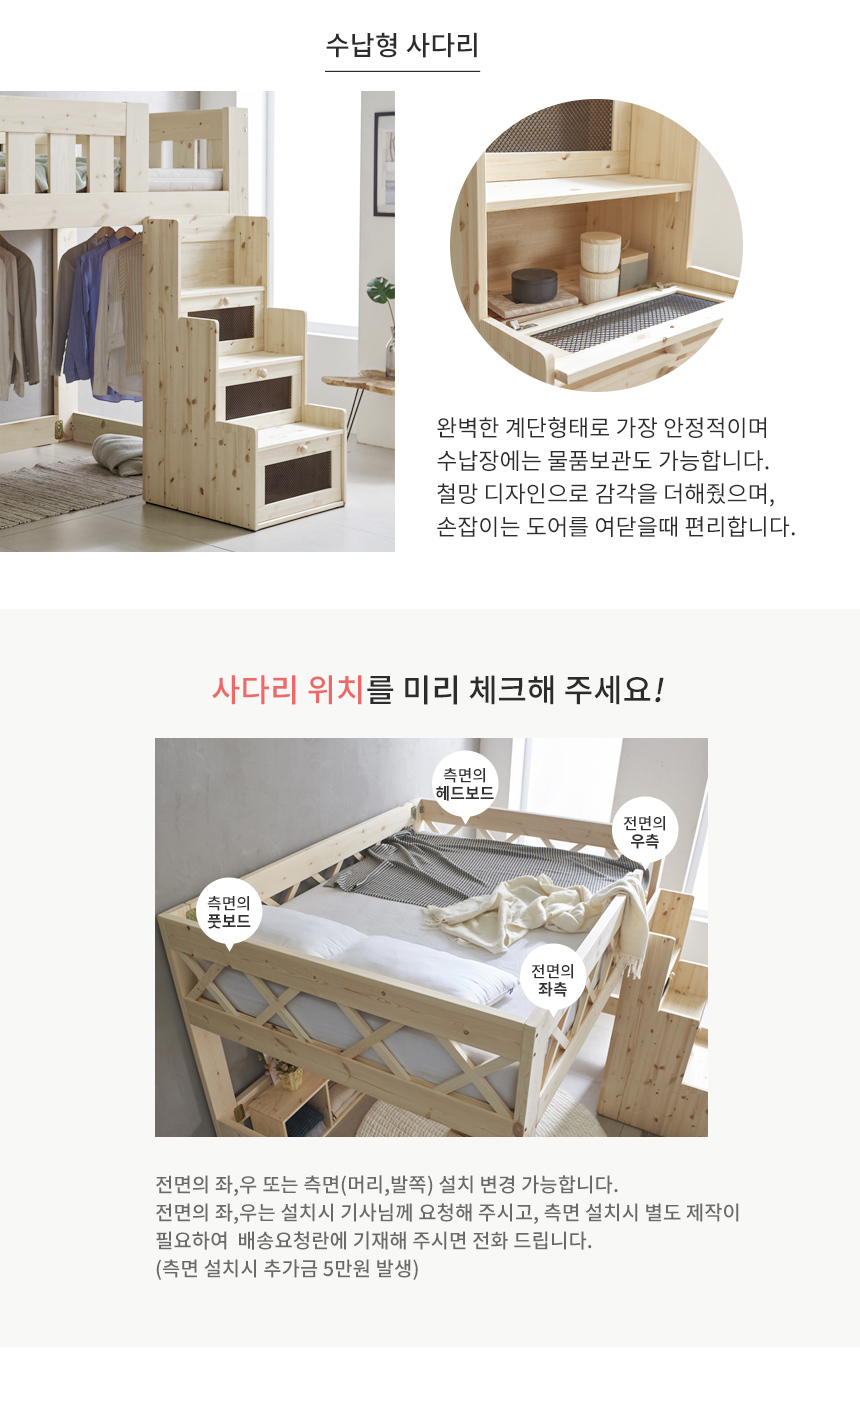 헤라 라인가드 원목 이층침대 SS 계단형사다리 - 플라망, 999,000원, 침대, 싱글/슈퍼싱글 침대